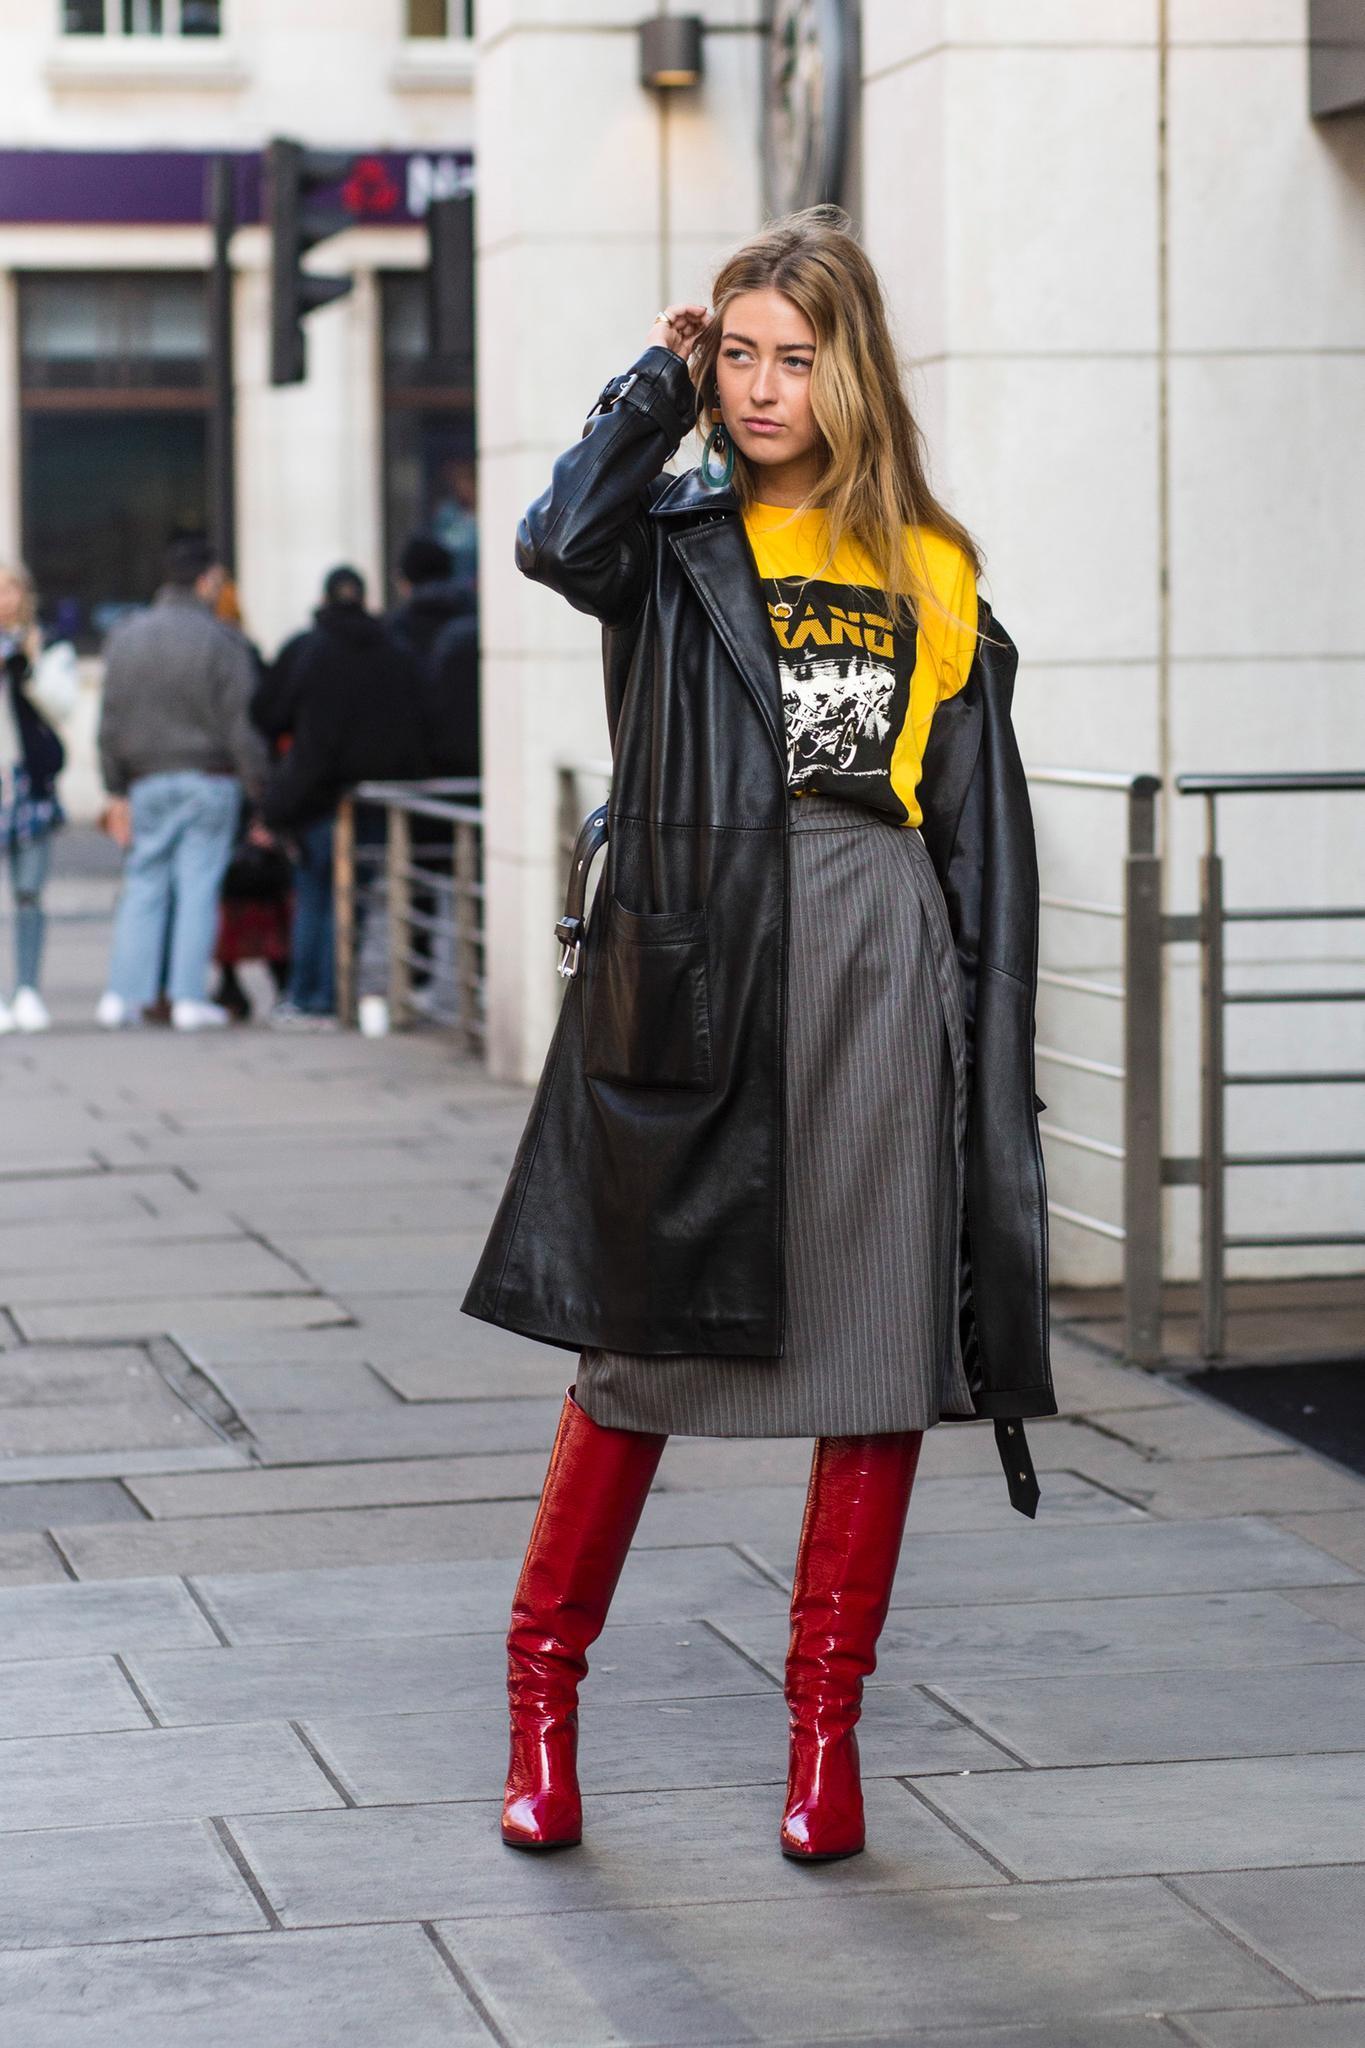 Frau im Trenchcoat zum Rock und Stiefeln als regen-Outfit